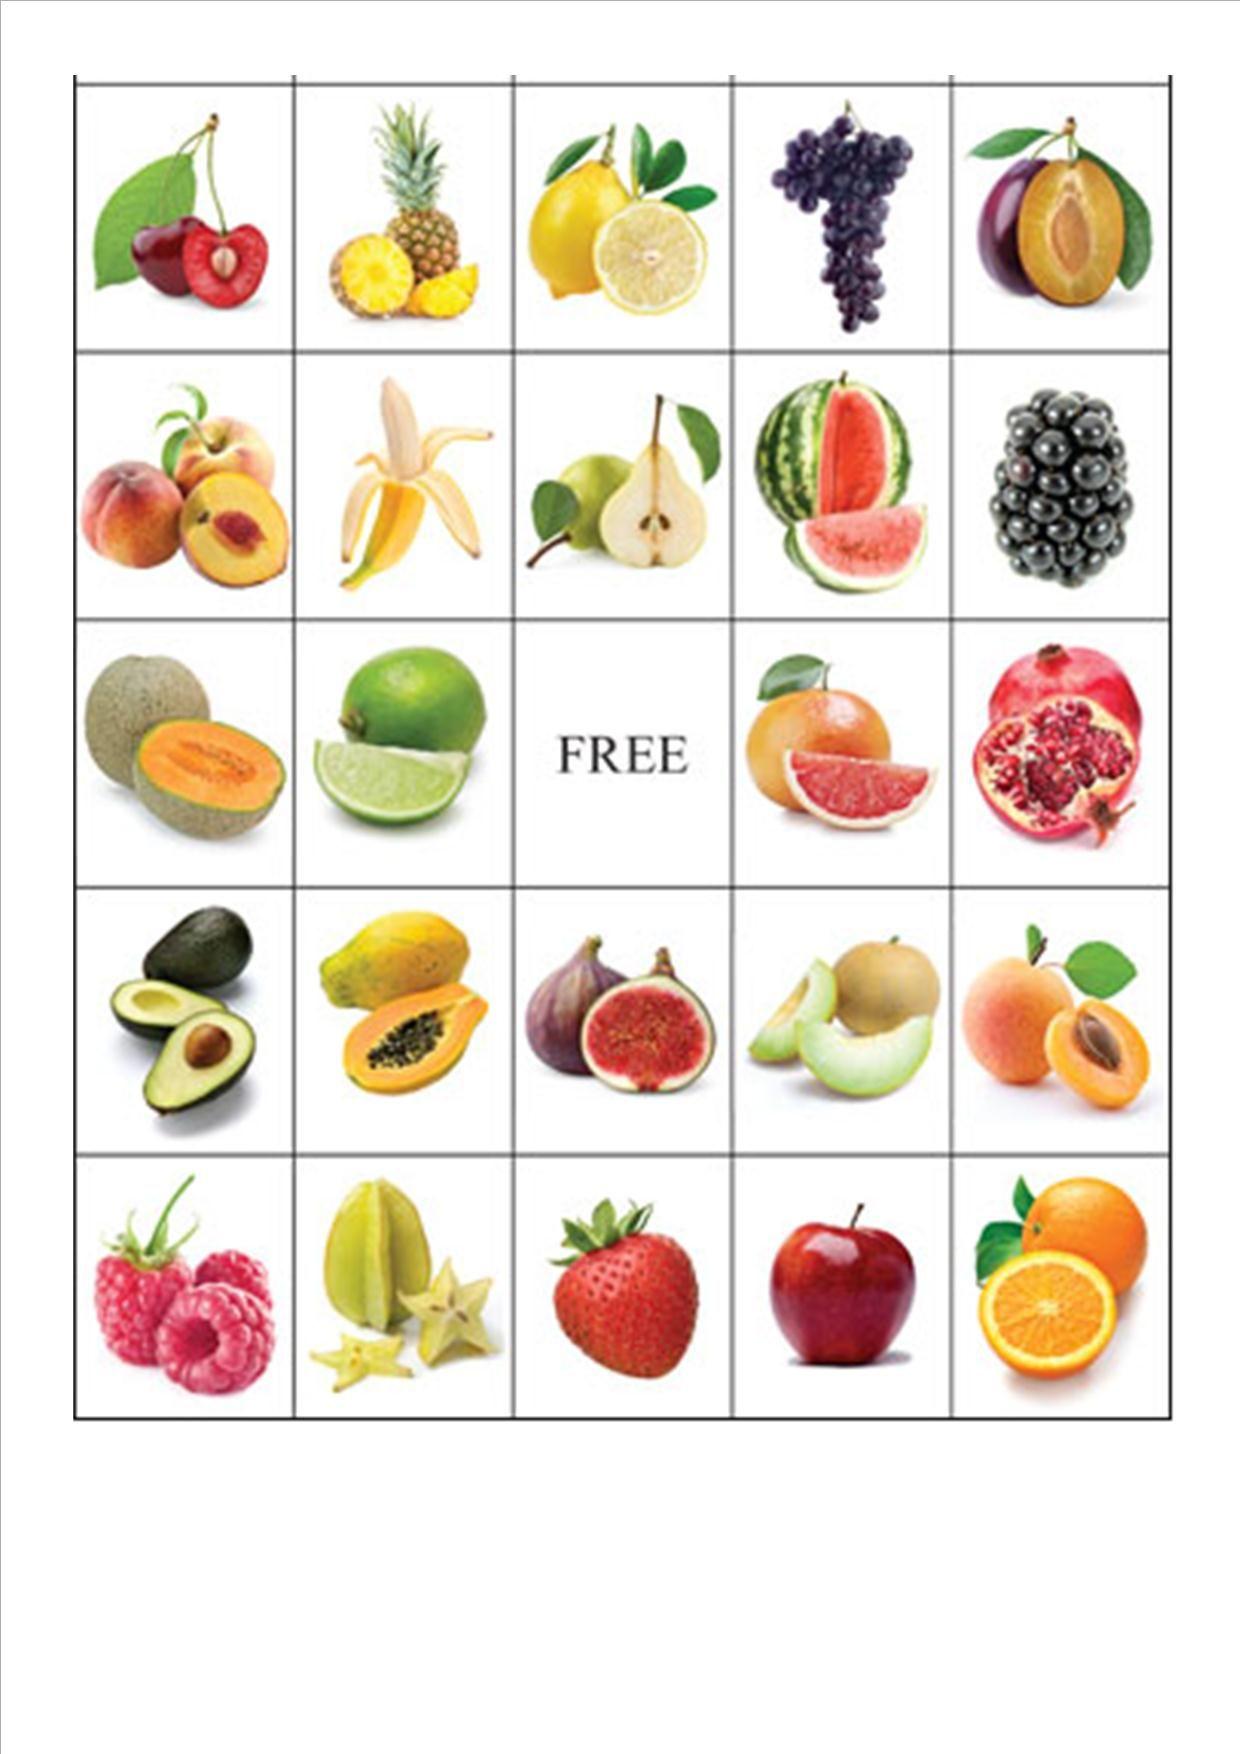 Pin Van Emilie Savenberg Op Thema Gezonde Voeding